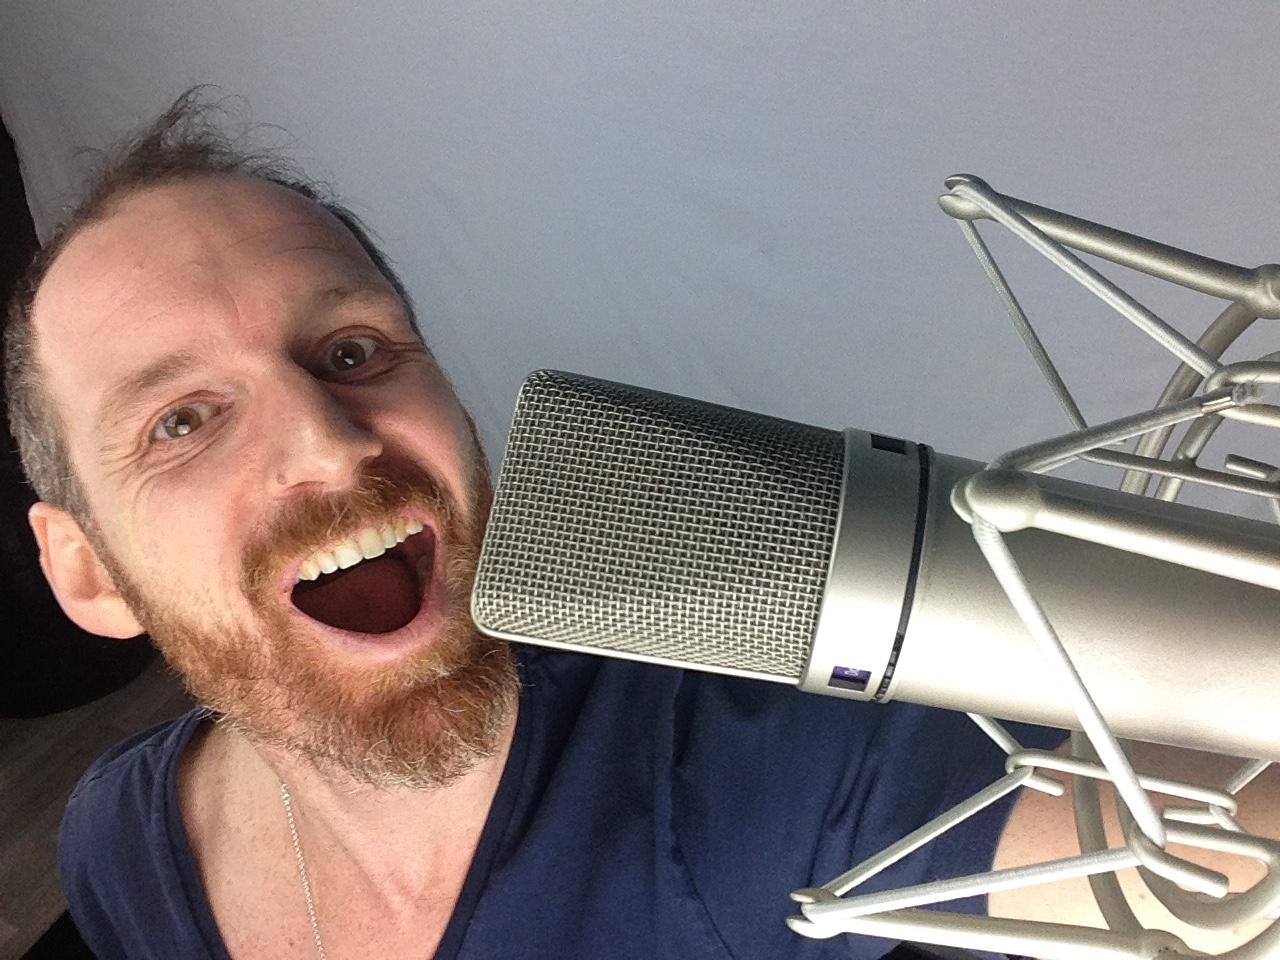 Comment enregistrer sa voix avec un micro ? les astuces pour réussir votre prise de son voix en home-studio